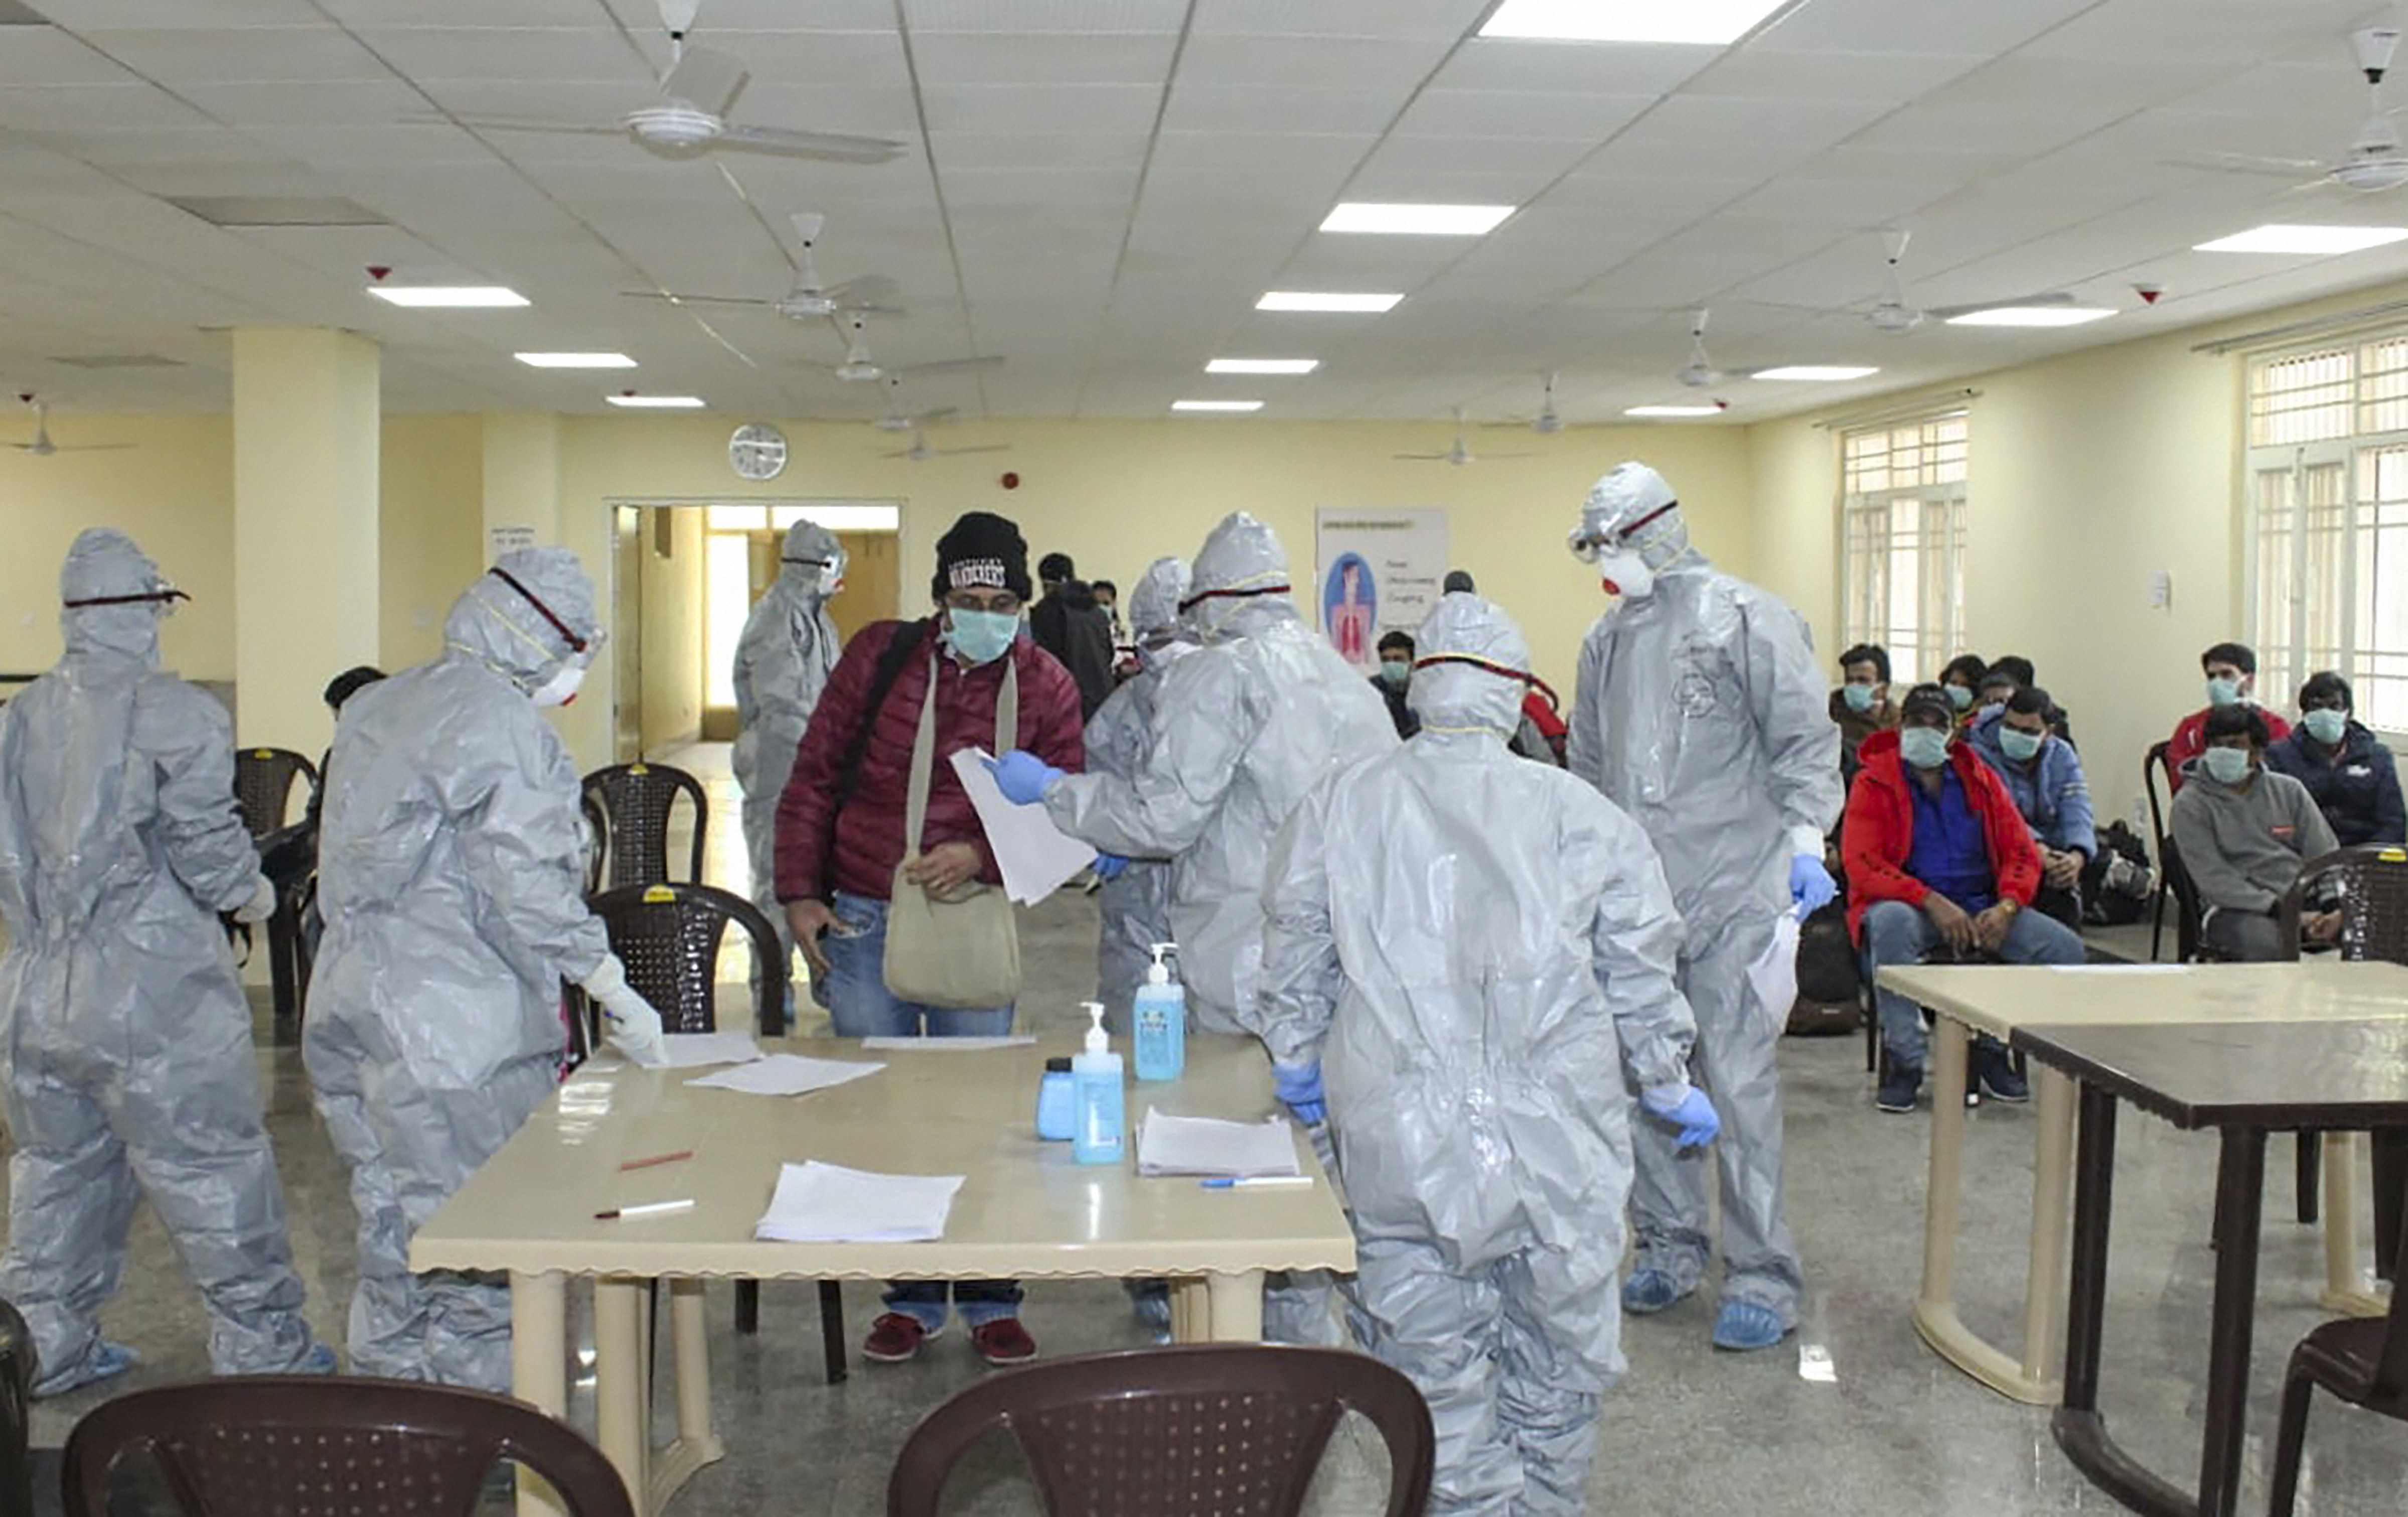 COVID-19 फिर तोड़ा रिकॉर्ड, पहली बार एक दिन में 11000 से ज्यादा लोग हुए संक्रमित - राष्ट्रीय समाचार